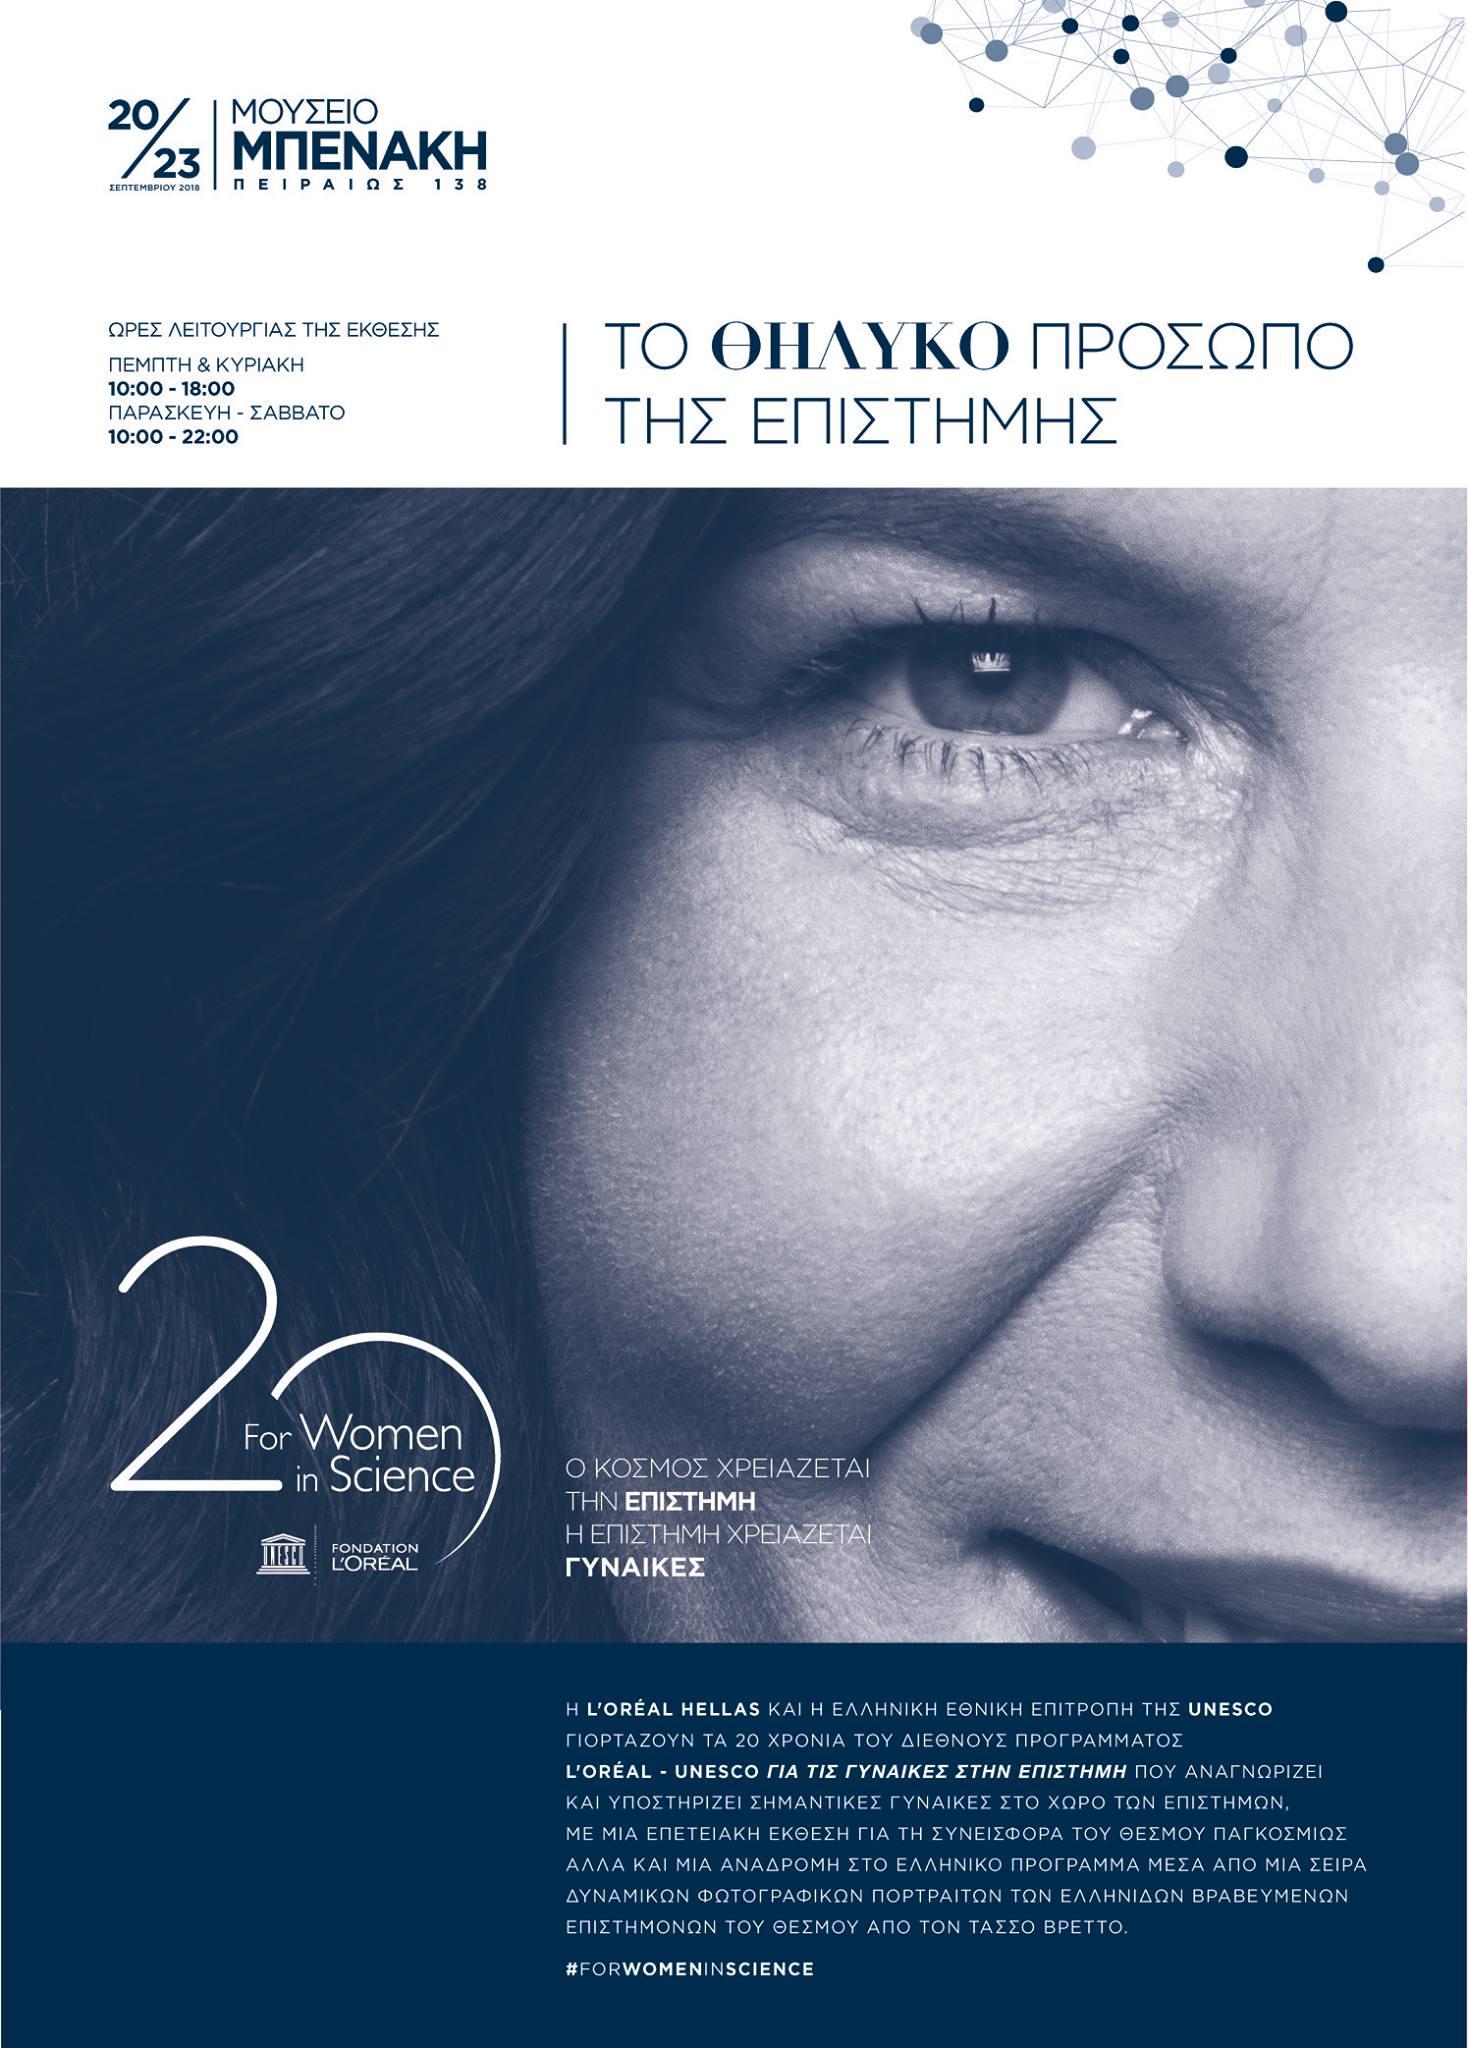 20 χρόνια του διεθνούς προγράμματος L'ORÉAL-UNESCO για τις γυναίκες στην επιστήμη